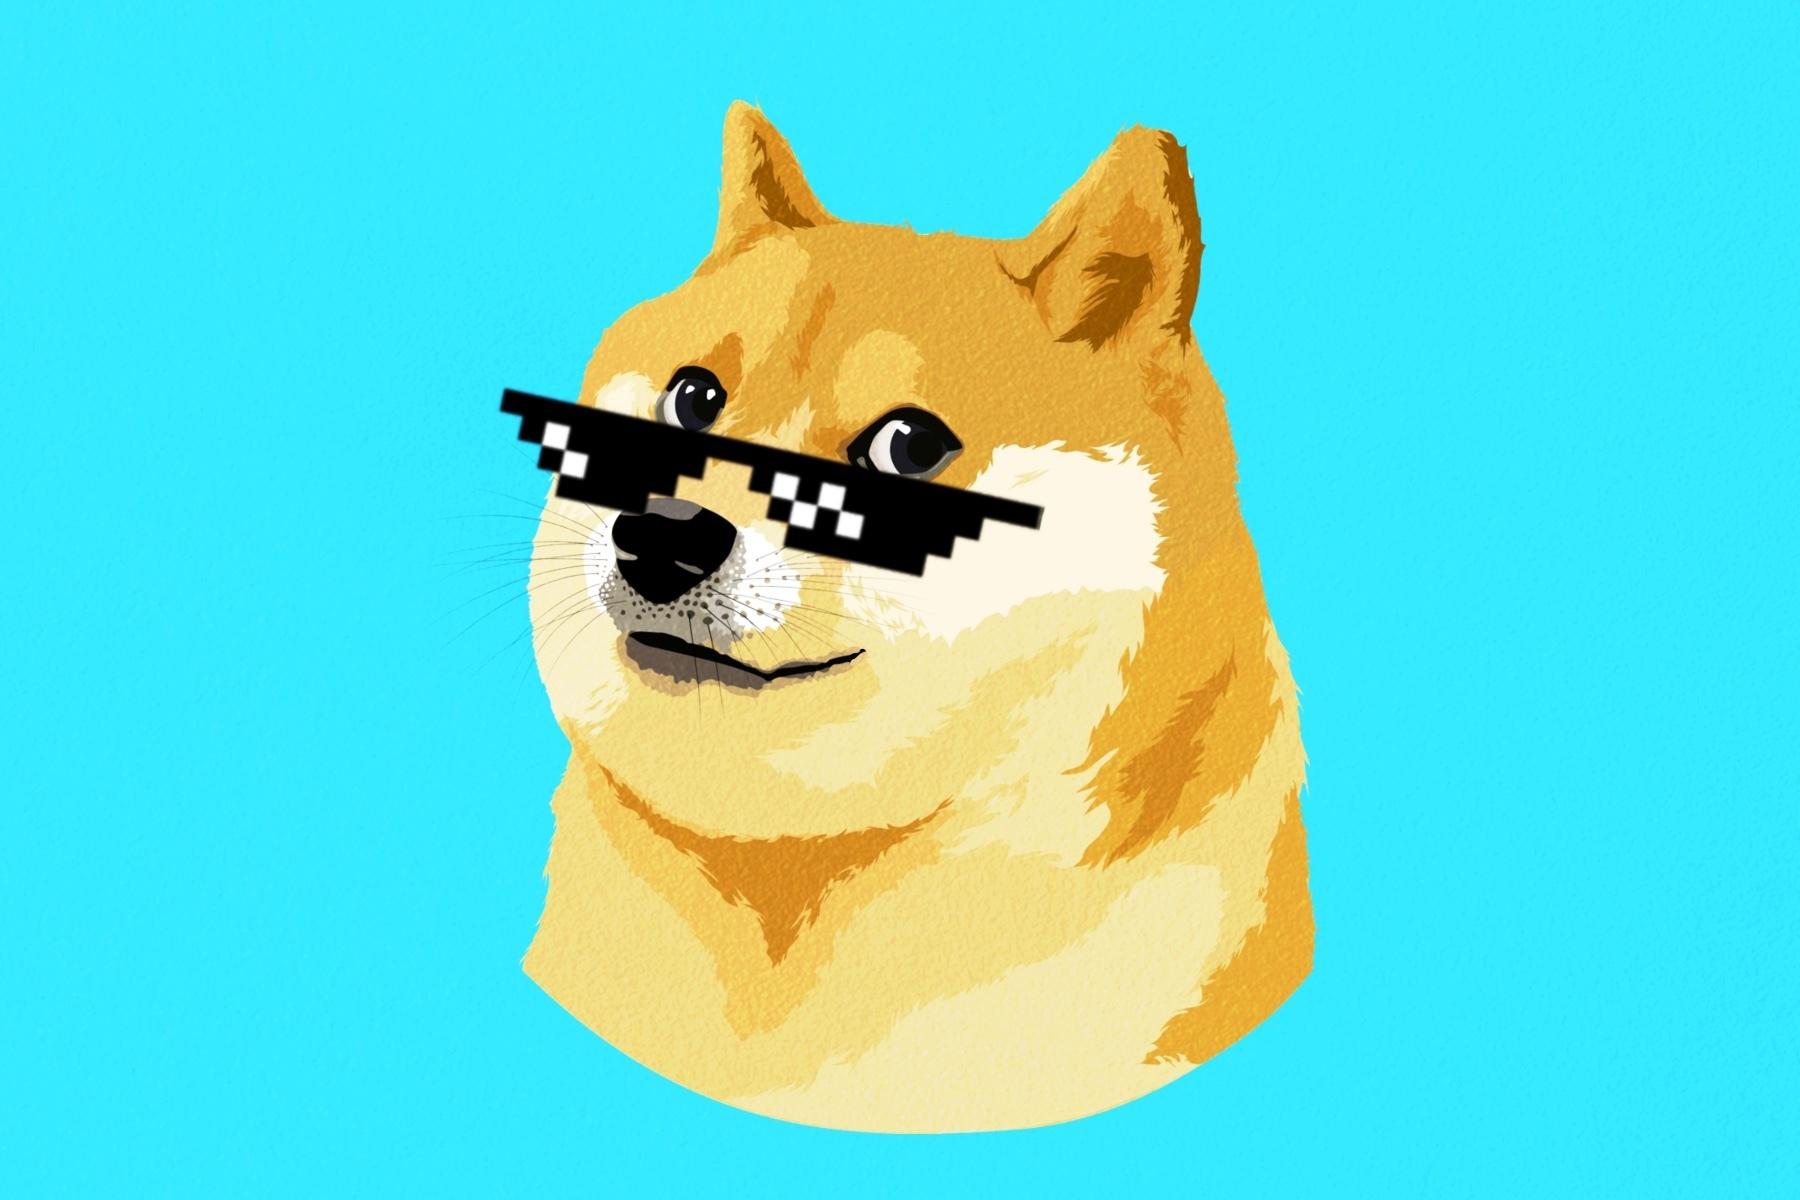 Dogecoin là một loại tiền điện tử bán đùa dựa trên bản đồ Shiba Inu được lưu hành rộng rãi